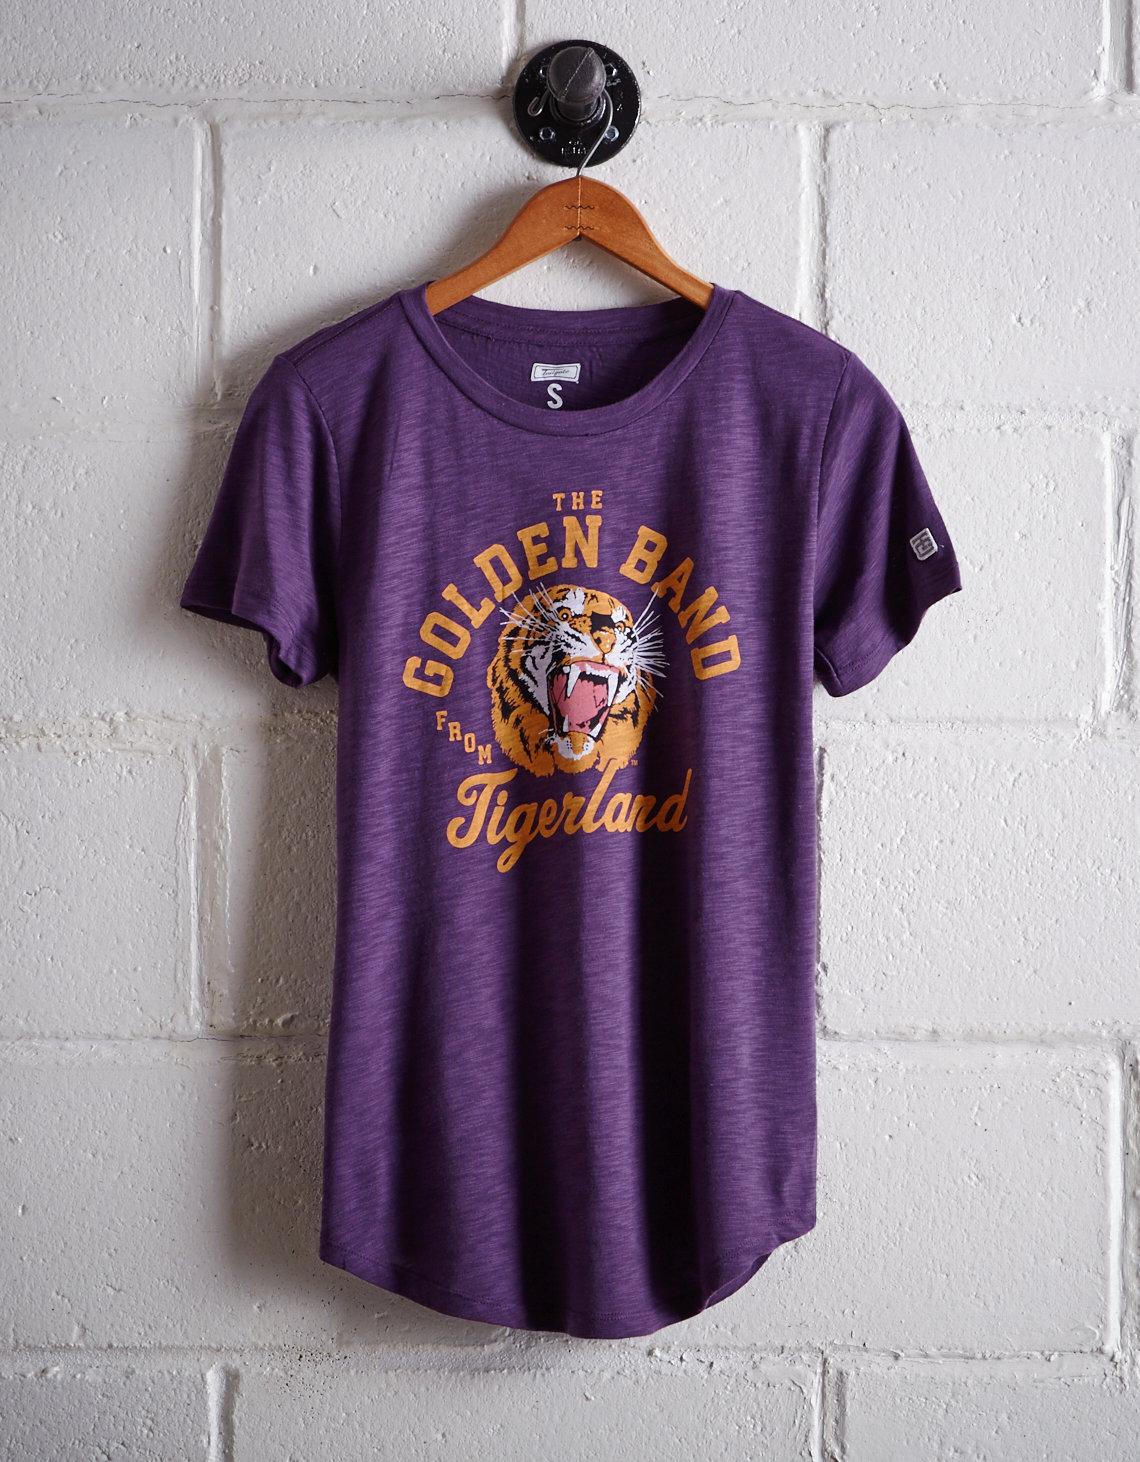 65d91dbf8861a Eagles Band T Shirt Womens - BCD Tofu House